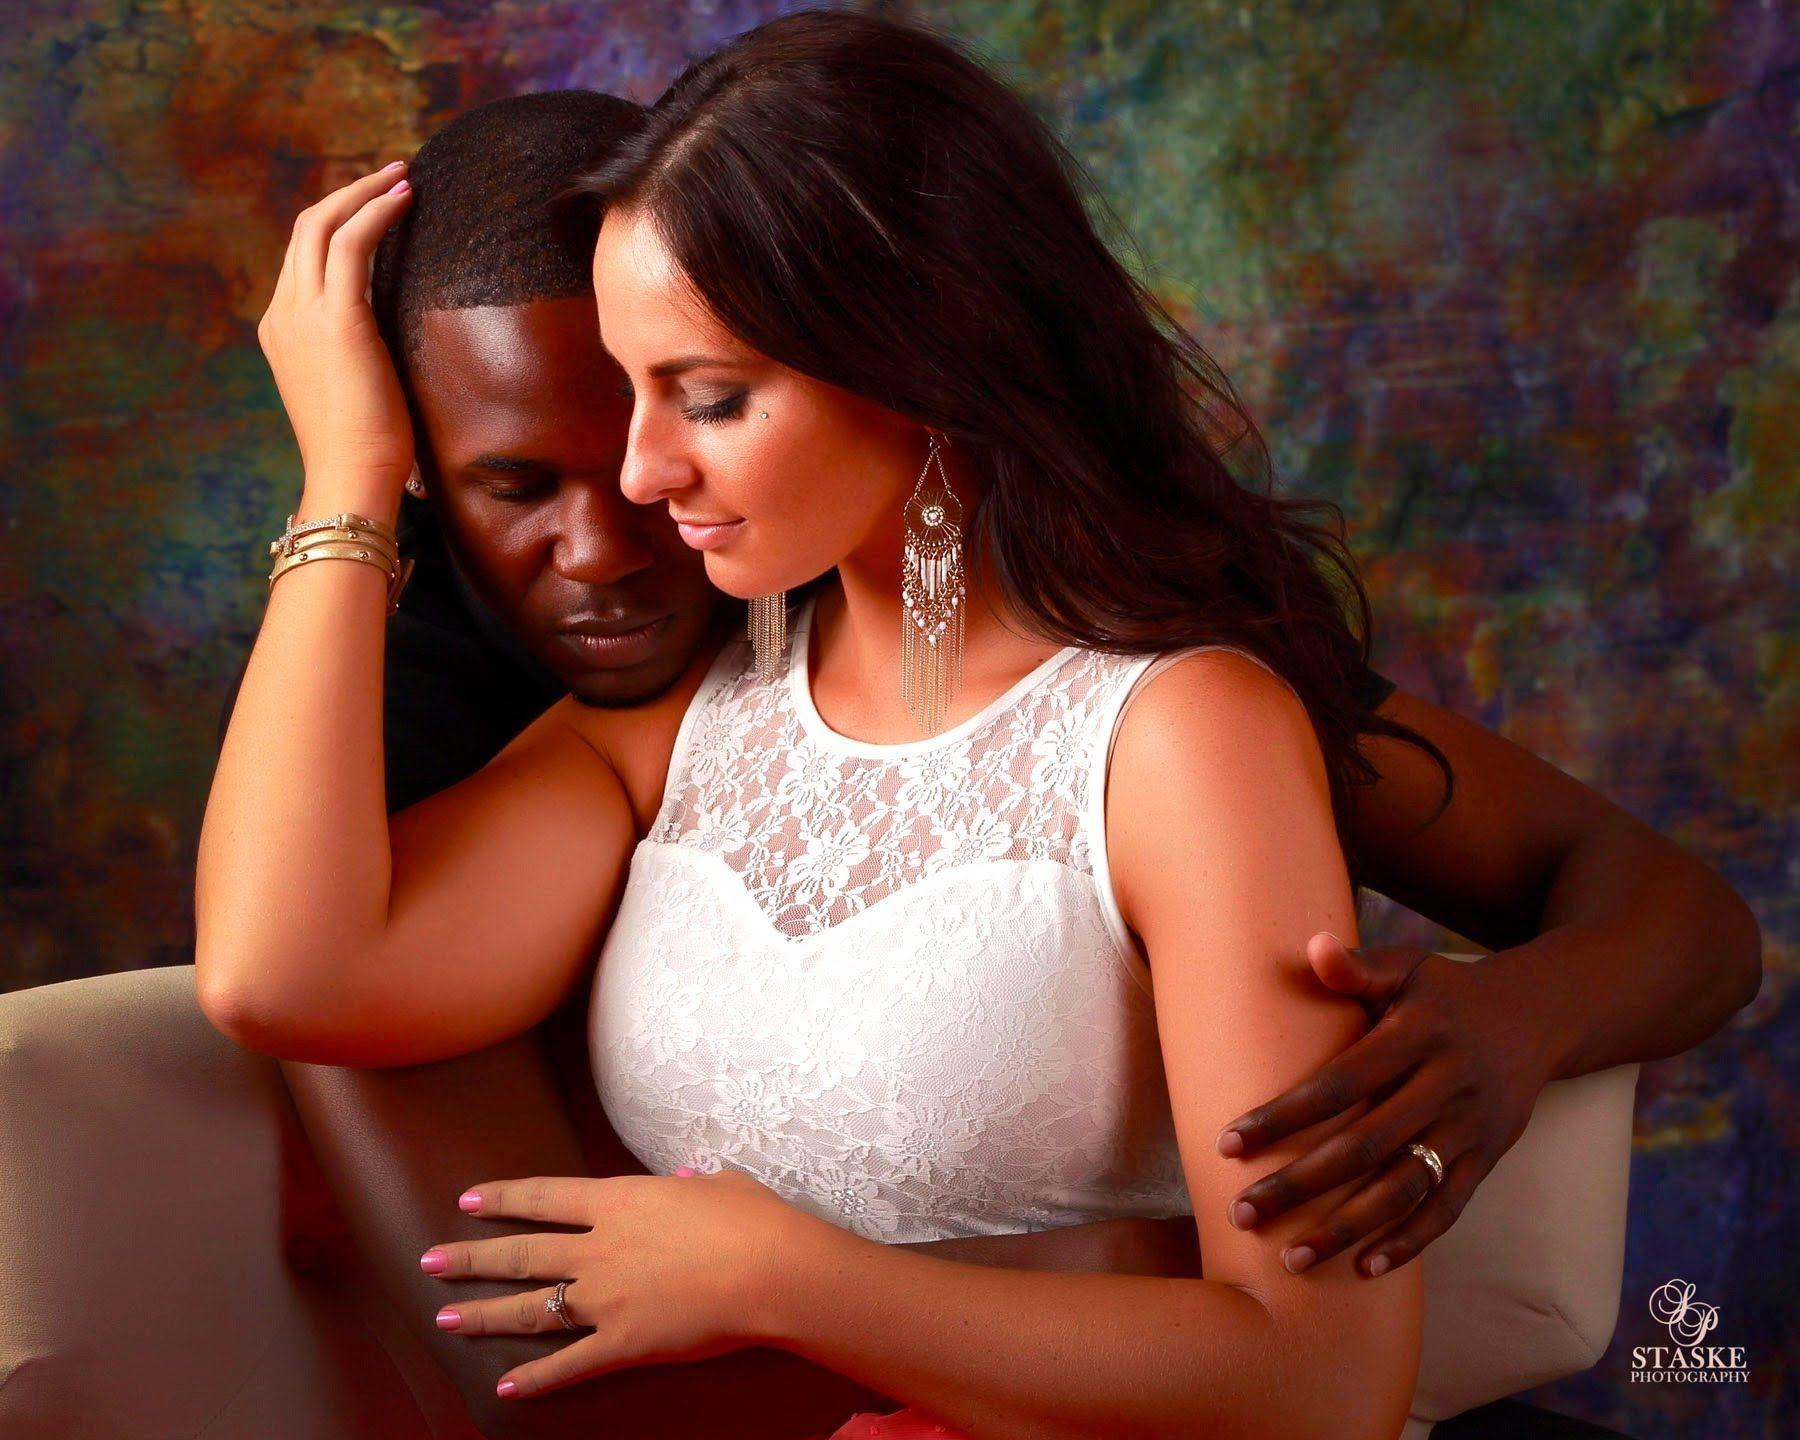 29 New Sex Pics Fuck his wife porn